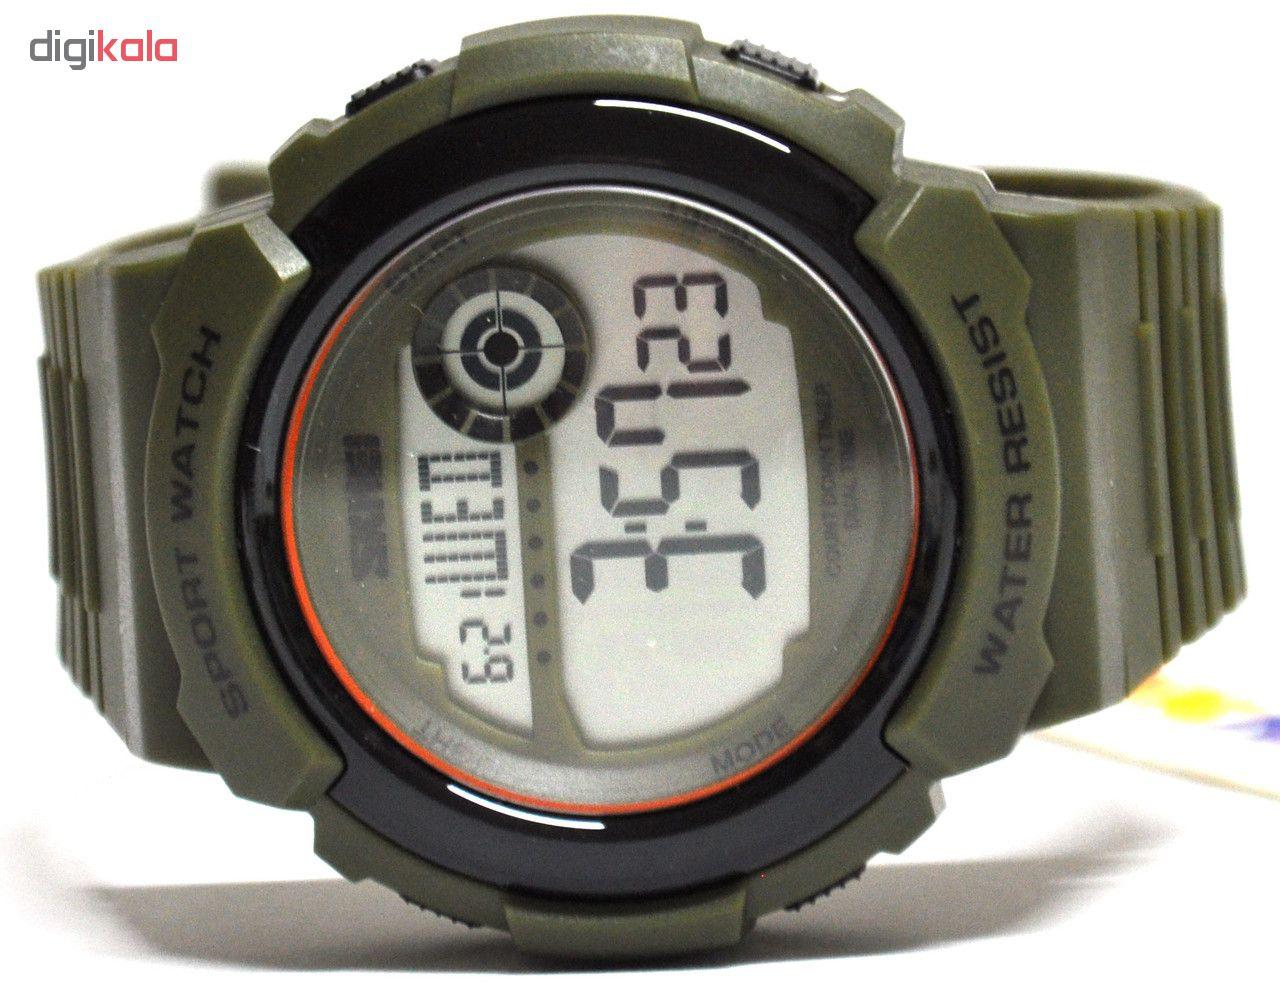 ساعت مچی دیجیتال مردانه اسکمی مدل 1367army